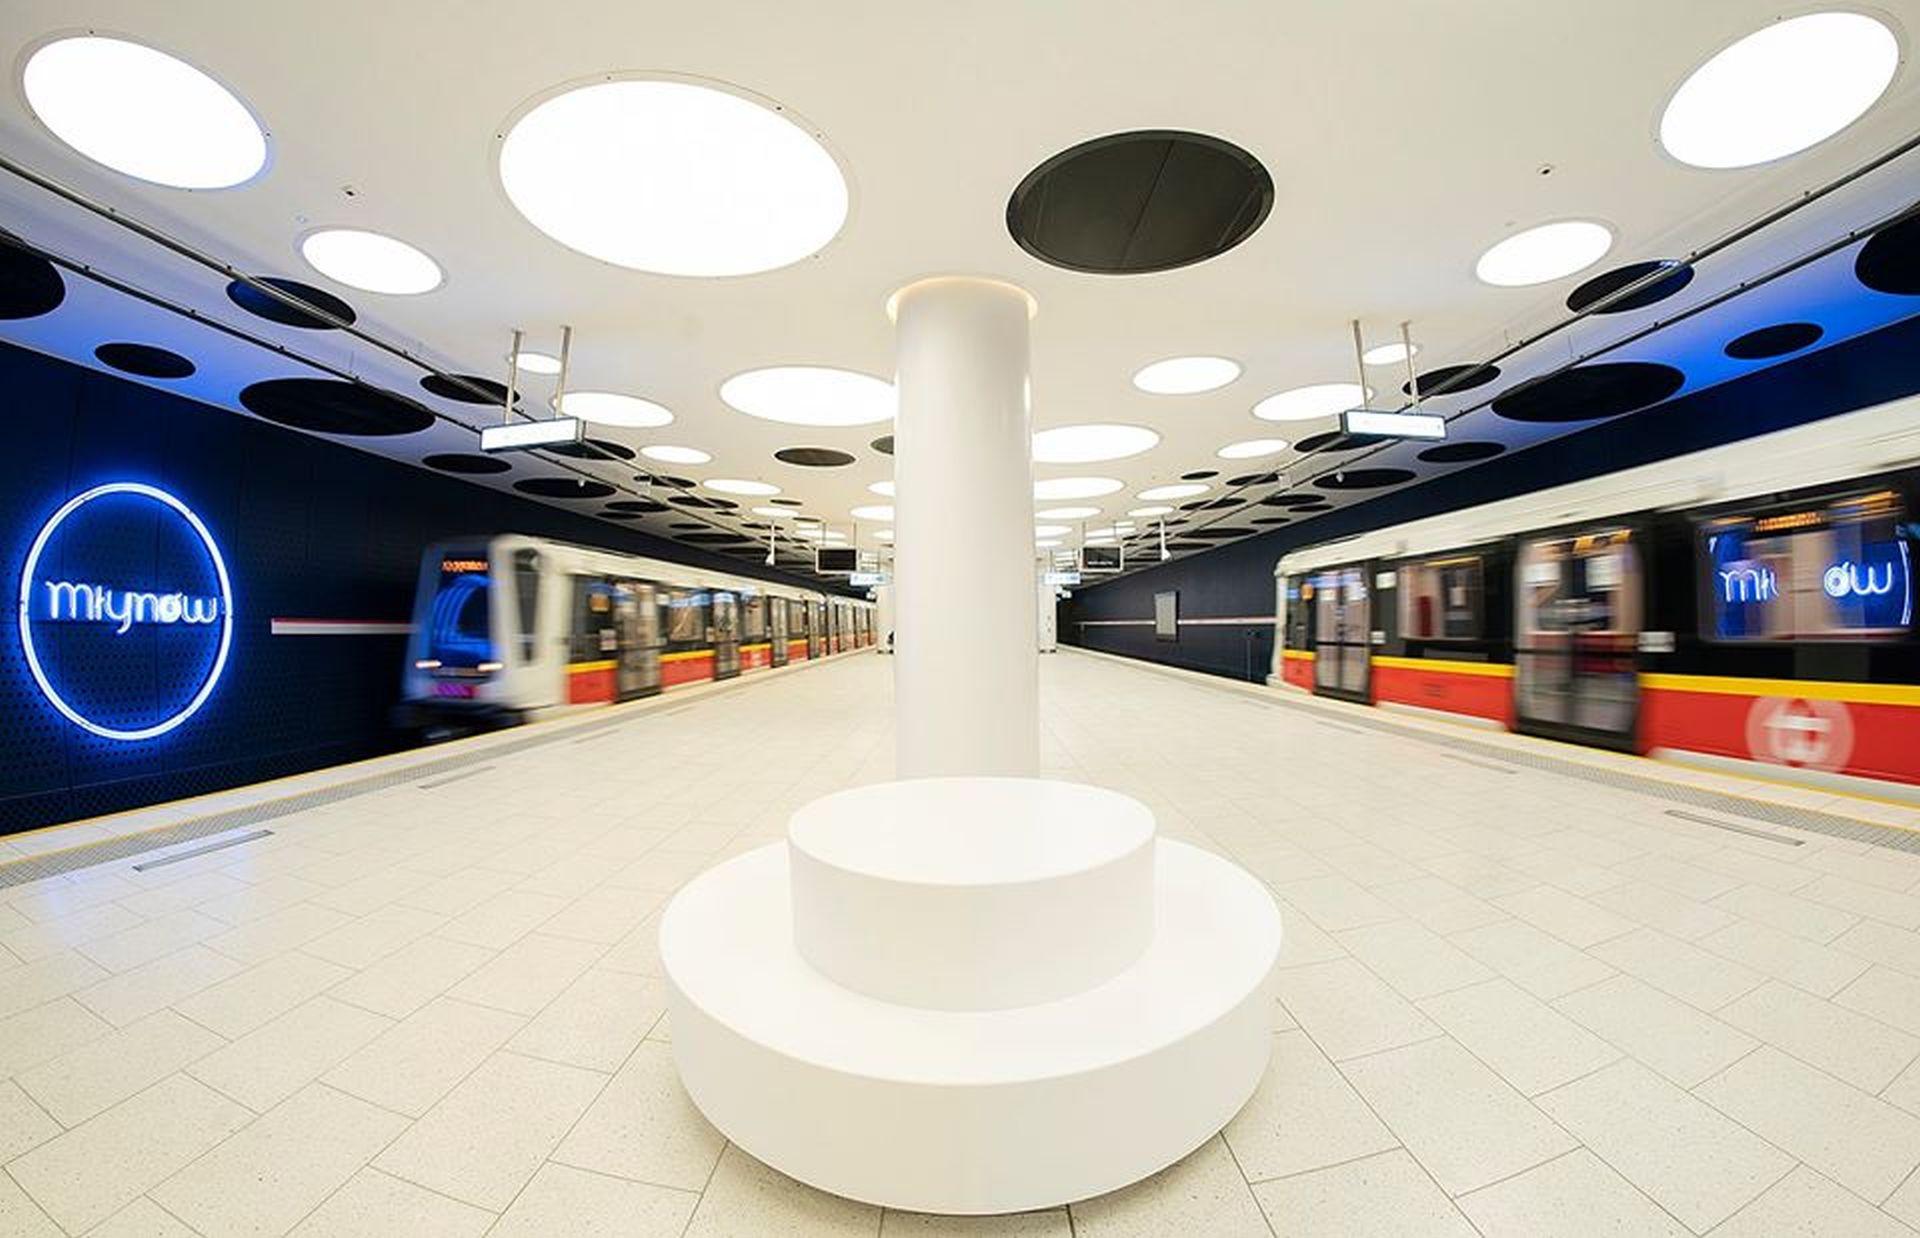 Nové stanice metra na lince M3 ve Varšavě. Foto: Metro Warsawskie